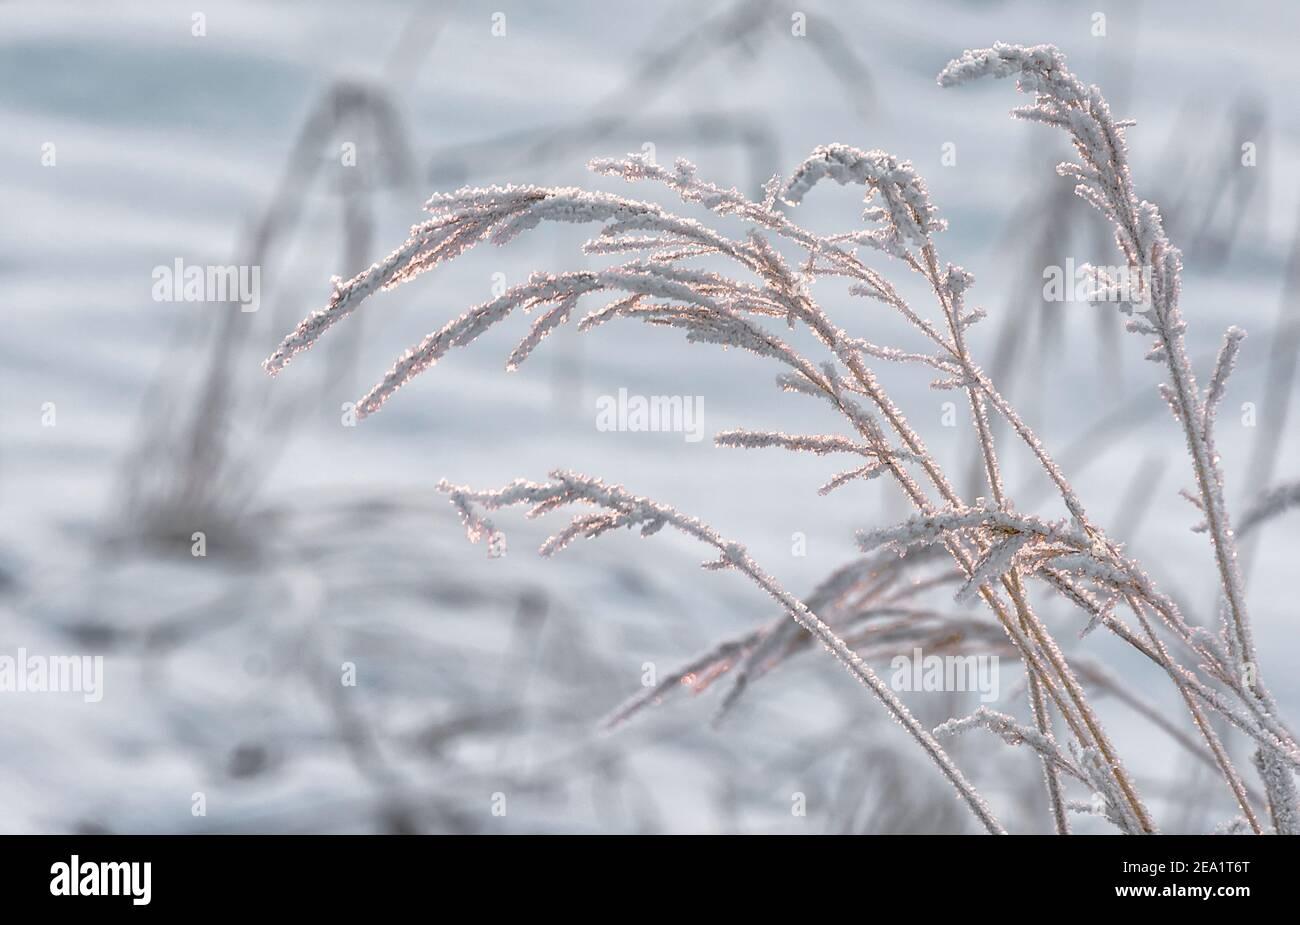 Arrière-plan des lames sèches d'herbe recouvertes de givre en hiver. Banque D'Images